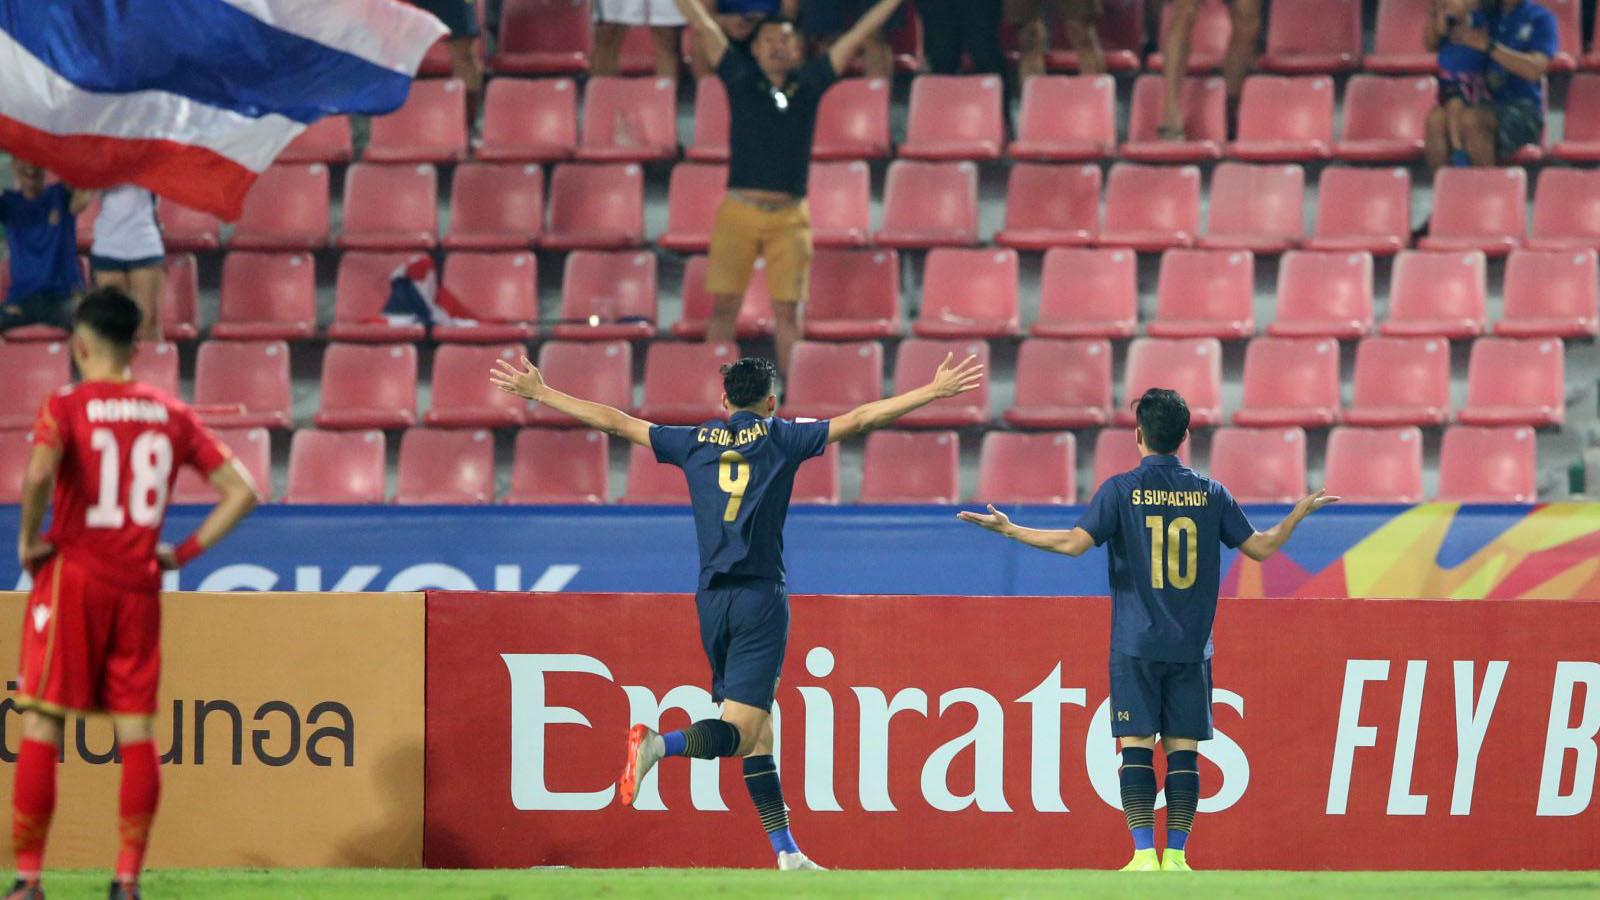 vtv6, truc tiep bong da hôm nay, Thái Lan đấu với Bahrain, U23 Thái Lan vs U23 Bahrain, truc tiep bong da, U23 châu Á 2020, trực tiếp bóng đá, xem bóng đá trực tuyến